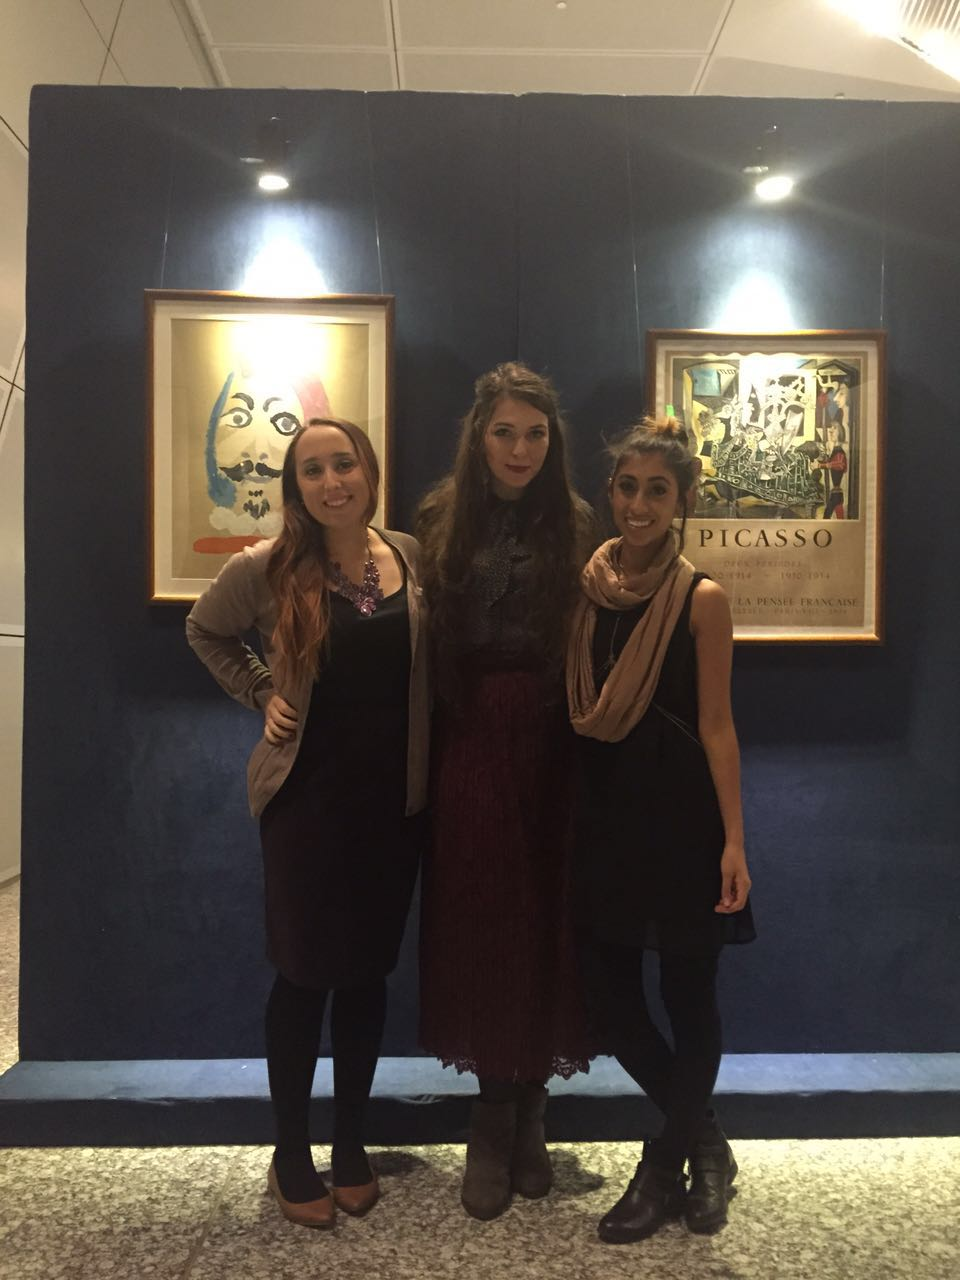 Picasso and Dali art exhibit.